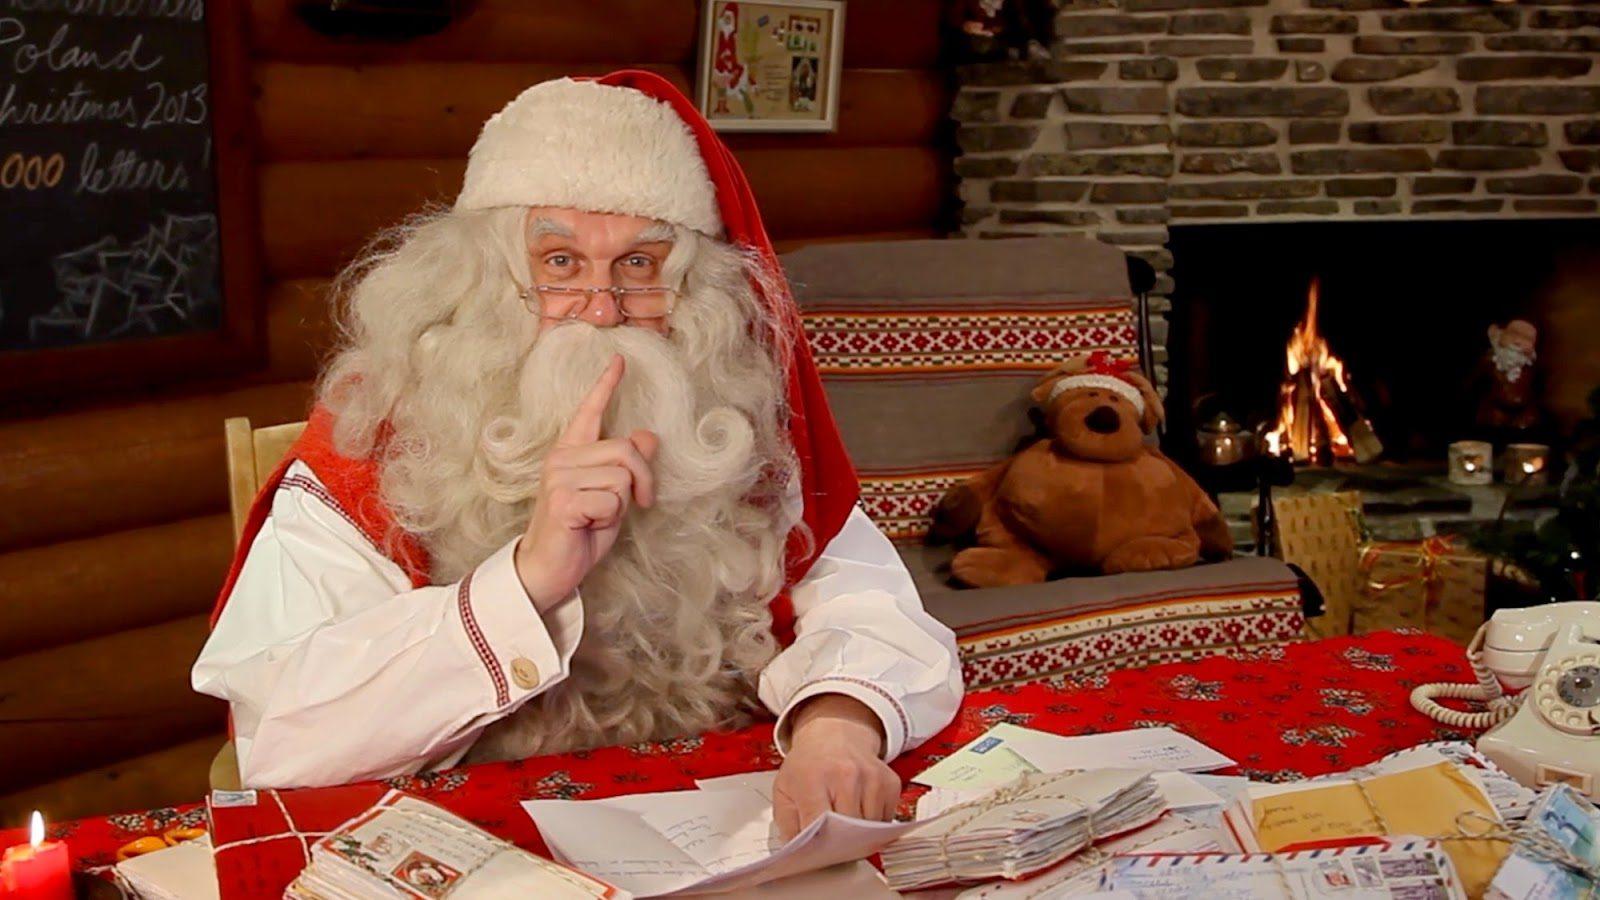 聖誕老公公竟出生在土耳其?